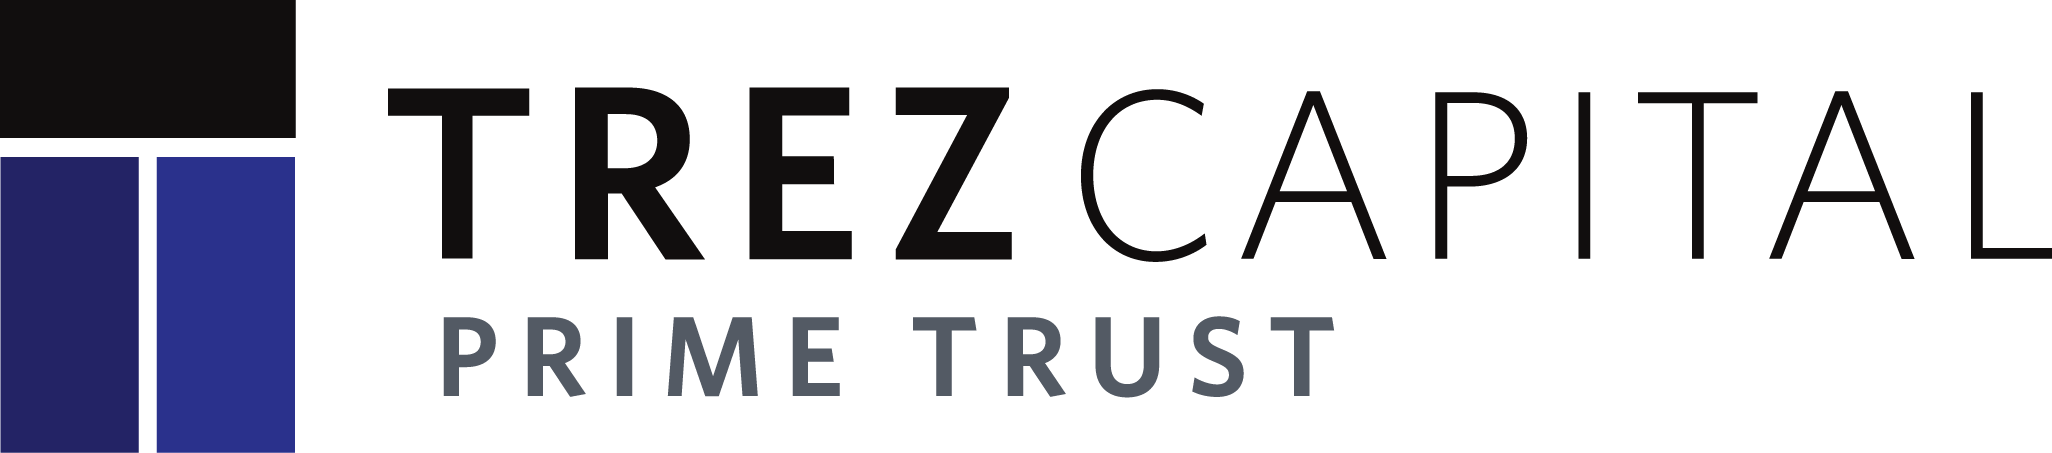 Prime Trust